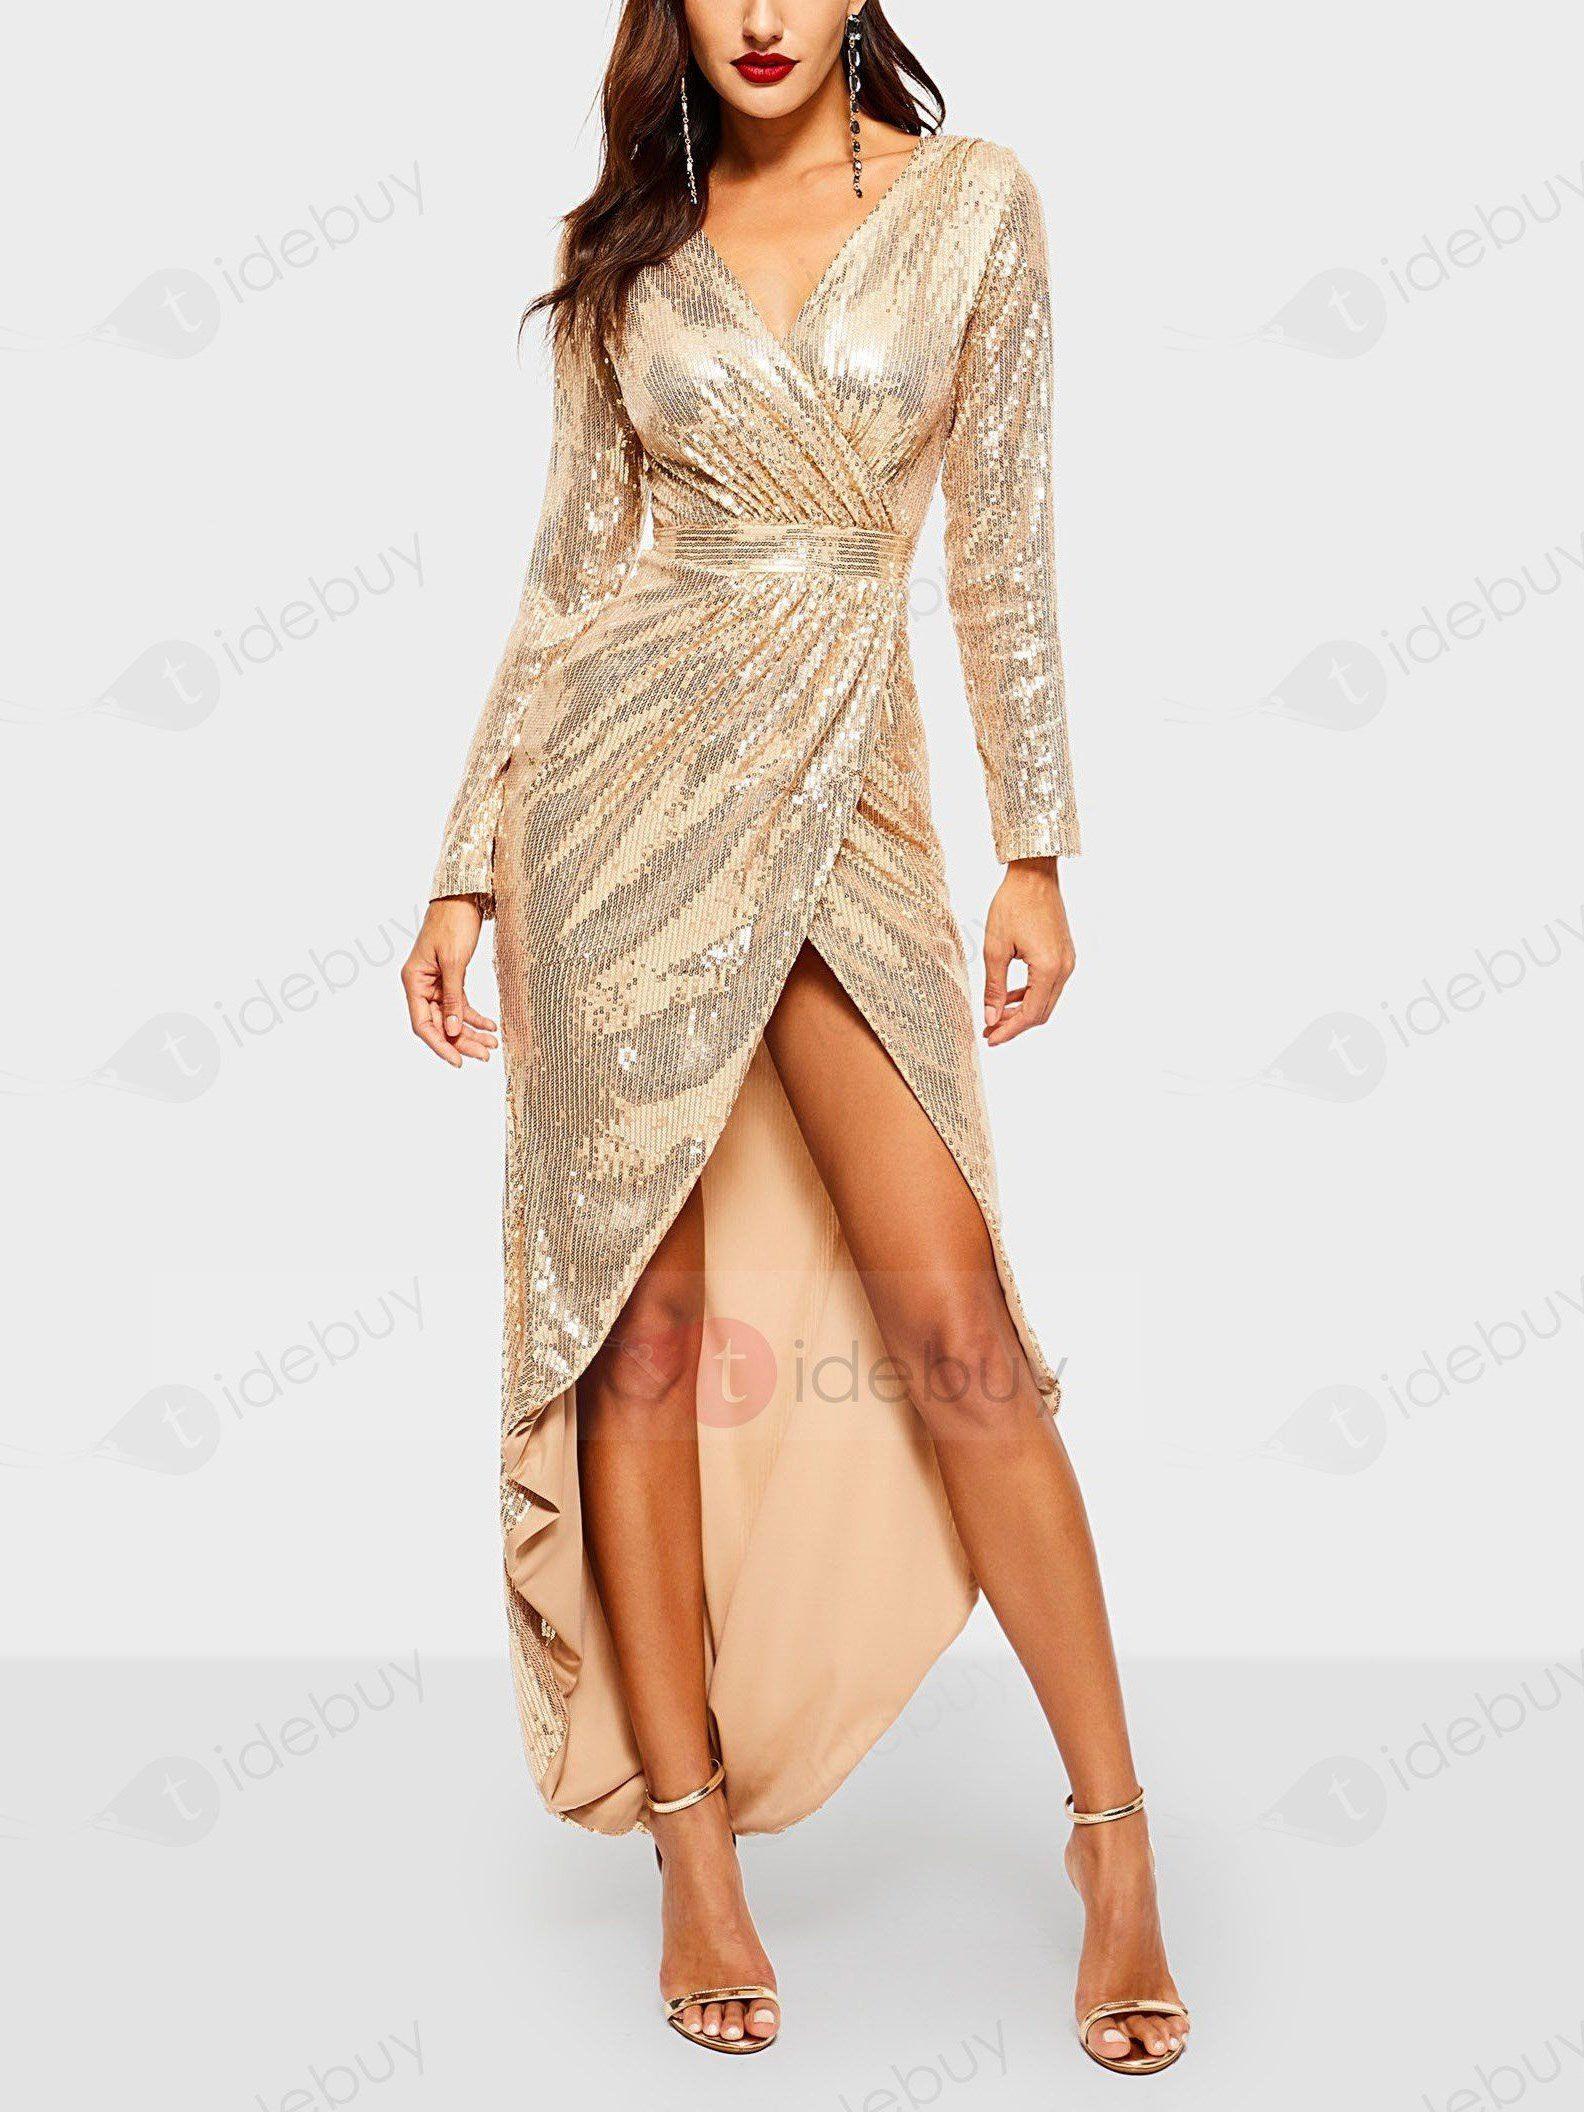 Abend Großartig Abendkleider Pailletten Damen Kleider Vertrieb20 Schön Abendkleider Pailletten Damen Kleider Design